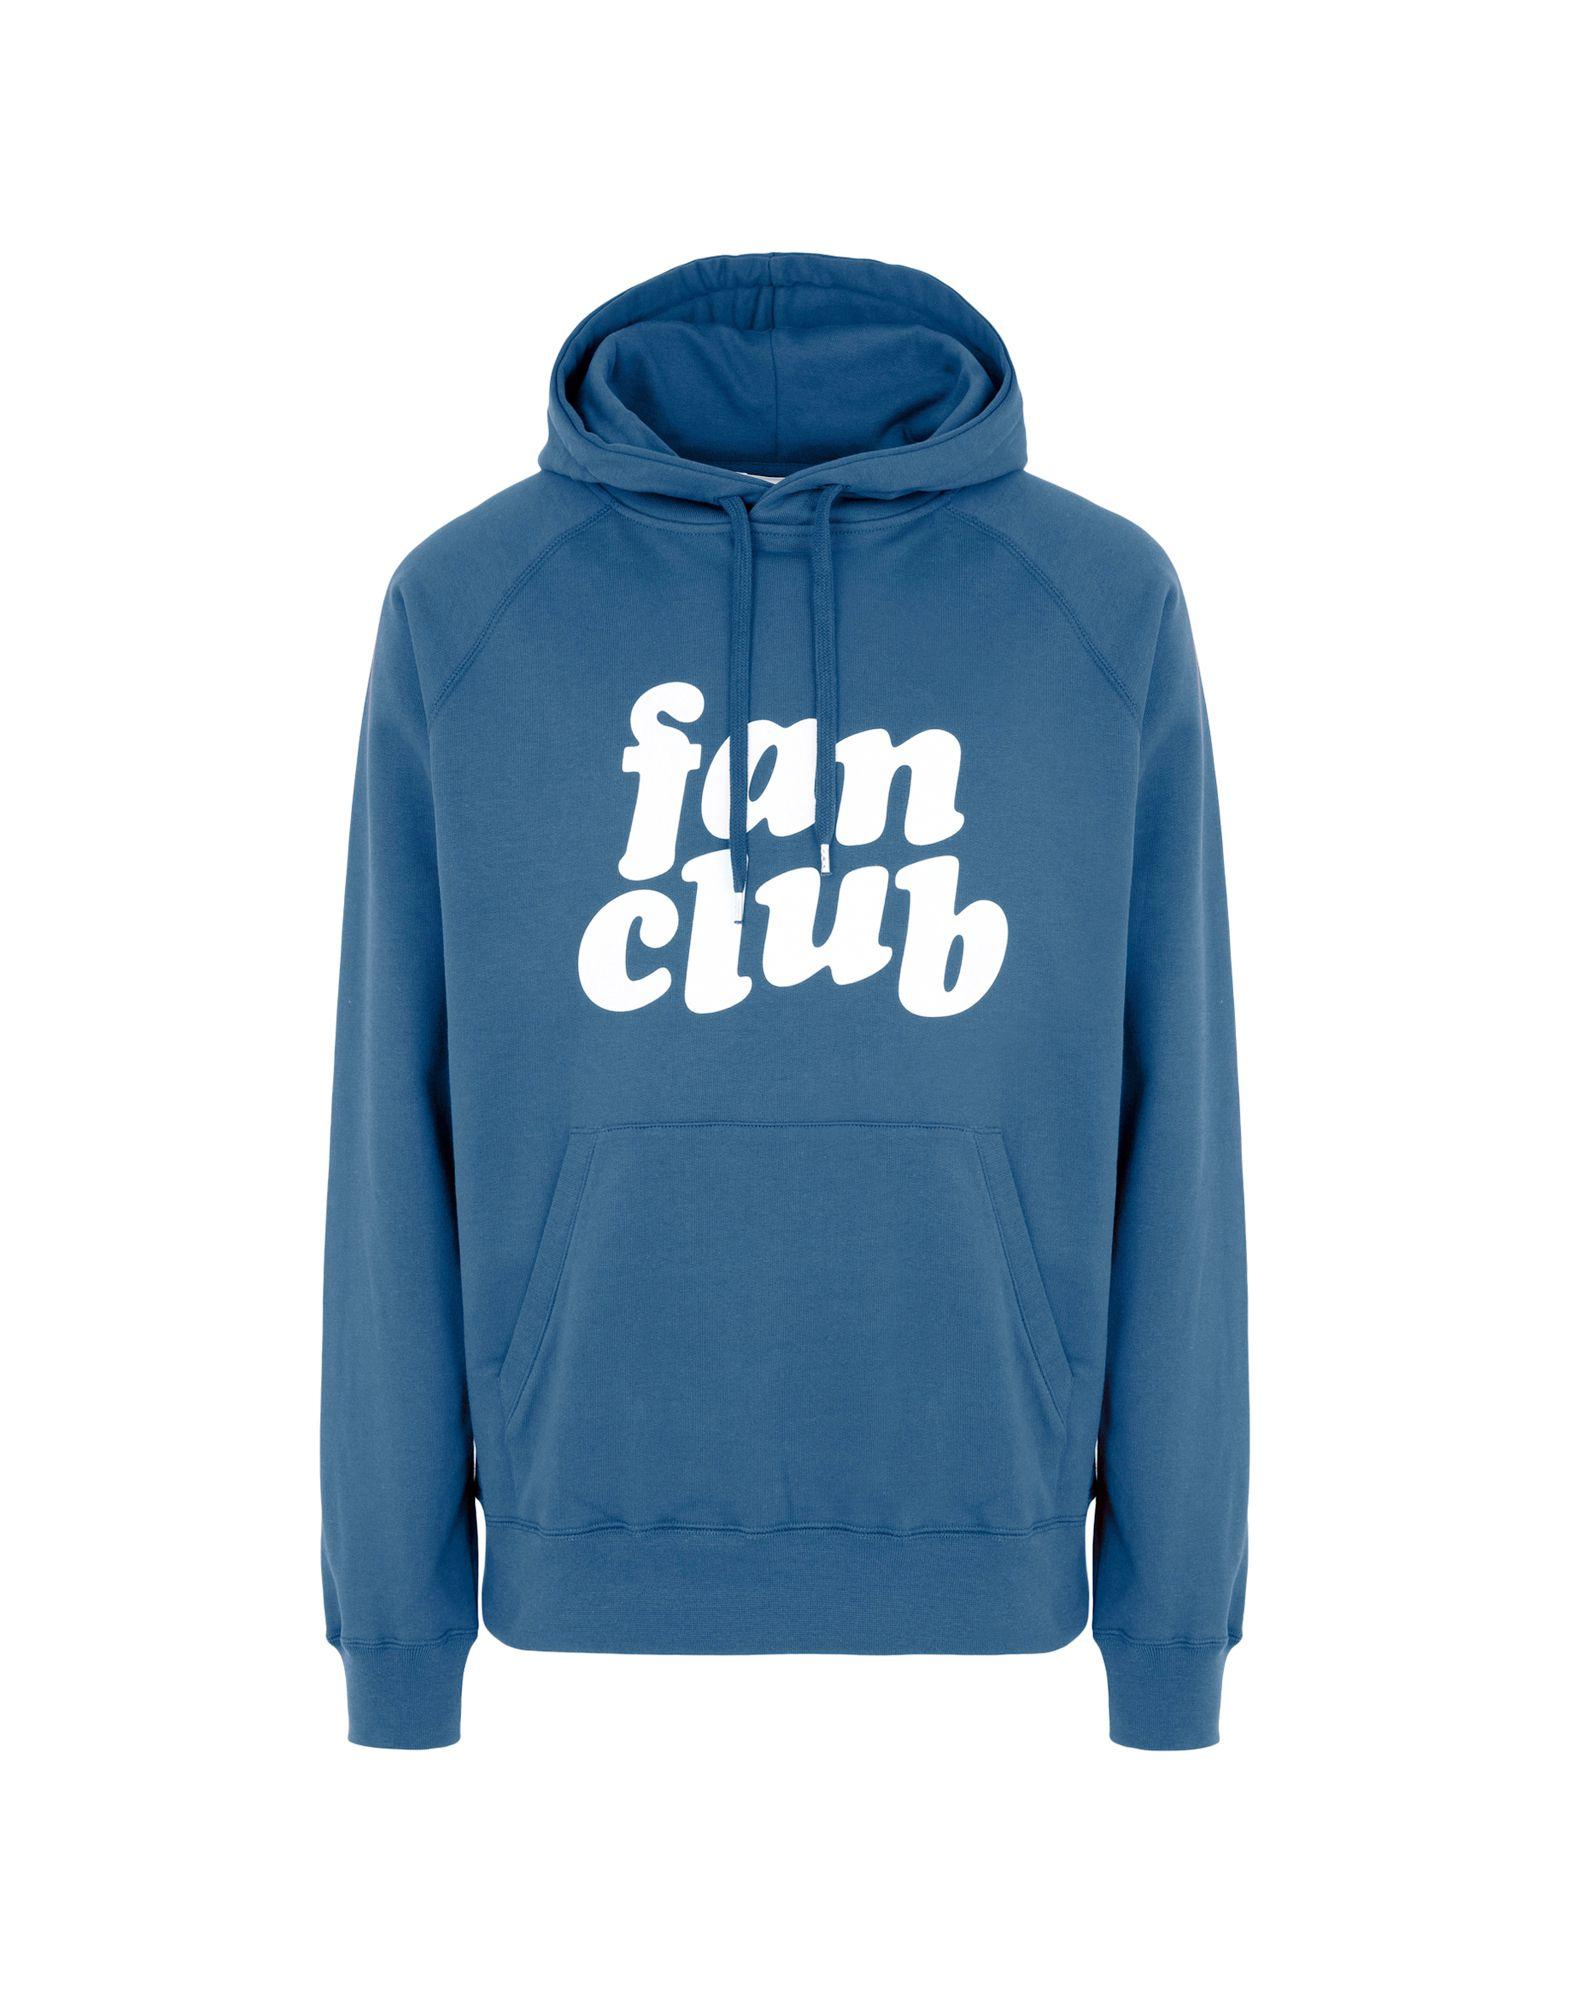 《送料無料》WOOD WOOD メンズ スウェットシャツ ブルーグレー S オーガニックコットン 100% Fred hoodie